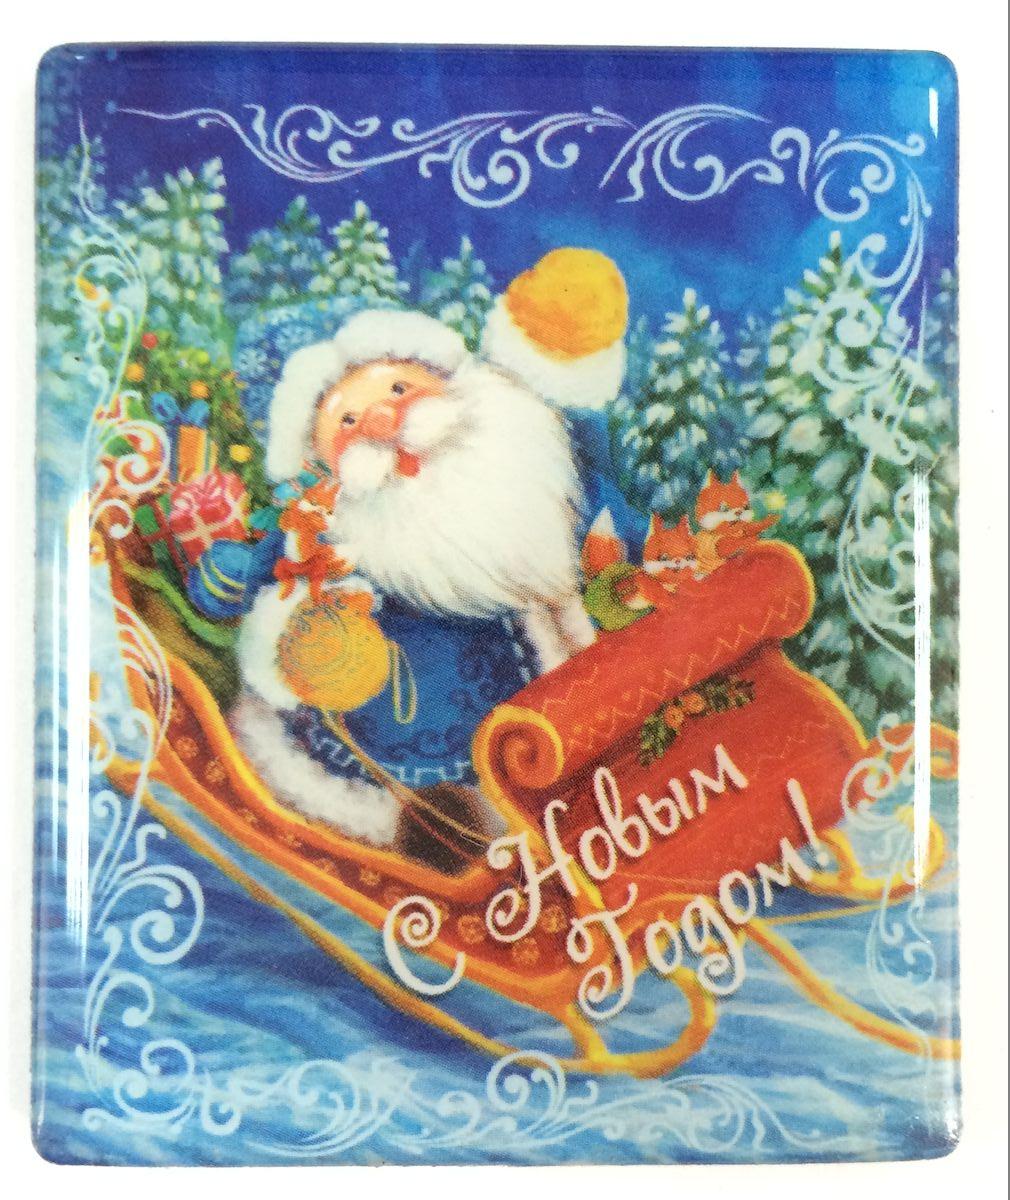 Магнит декоративный Magic Time Дед Мороз в санях, 6 х 5 см. 3837538375Магнит Magic Time Дед Мороз в санях, выполненный из агломерированного феррита, прекрасно подойдет в качестве сувенира к Новому году или станет приятным презентом в обычный день. Магнит - одно из самых простых, недорогих и при этом оригинальных украшений интерьера. Он поможет вам украсить не только холодильник, но и любую другую магнитную поверхность.Материал: агломерированный феррит.